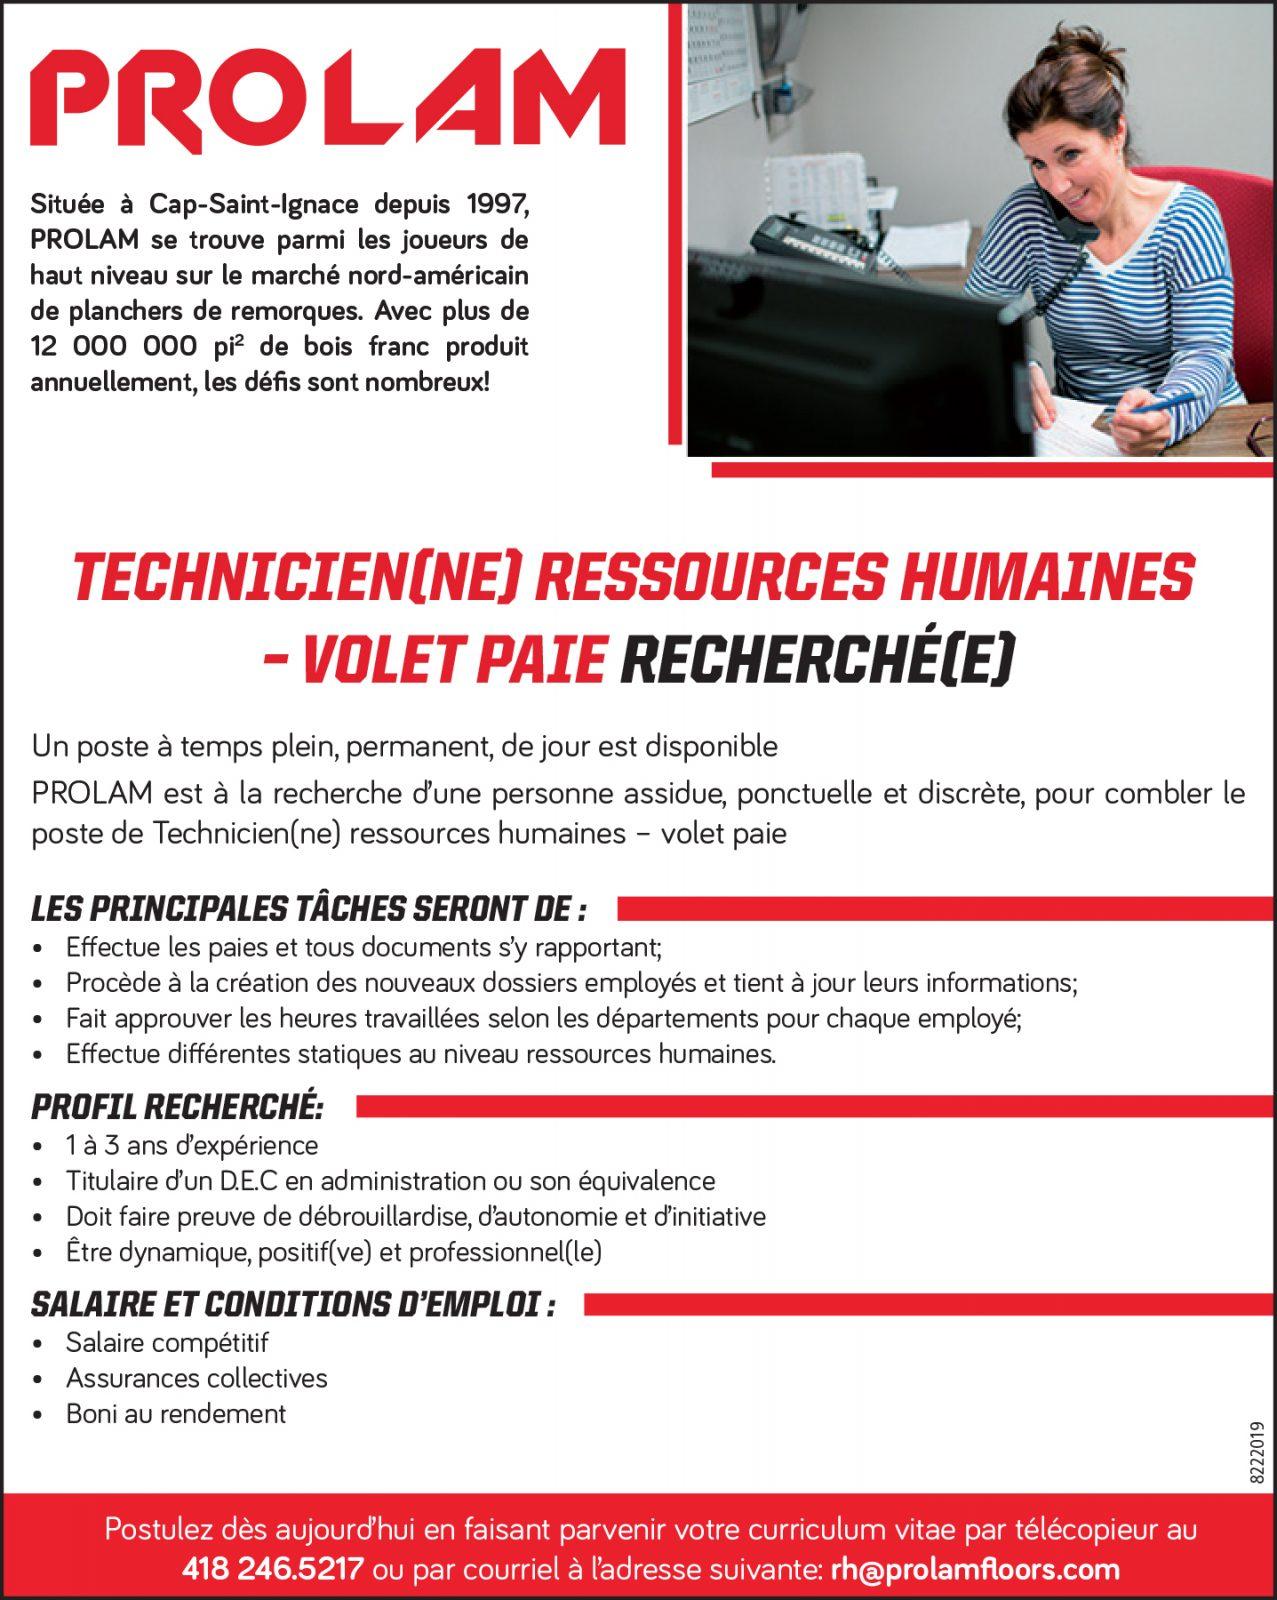 Technicienne(ne) ressources humaines – Volet paie